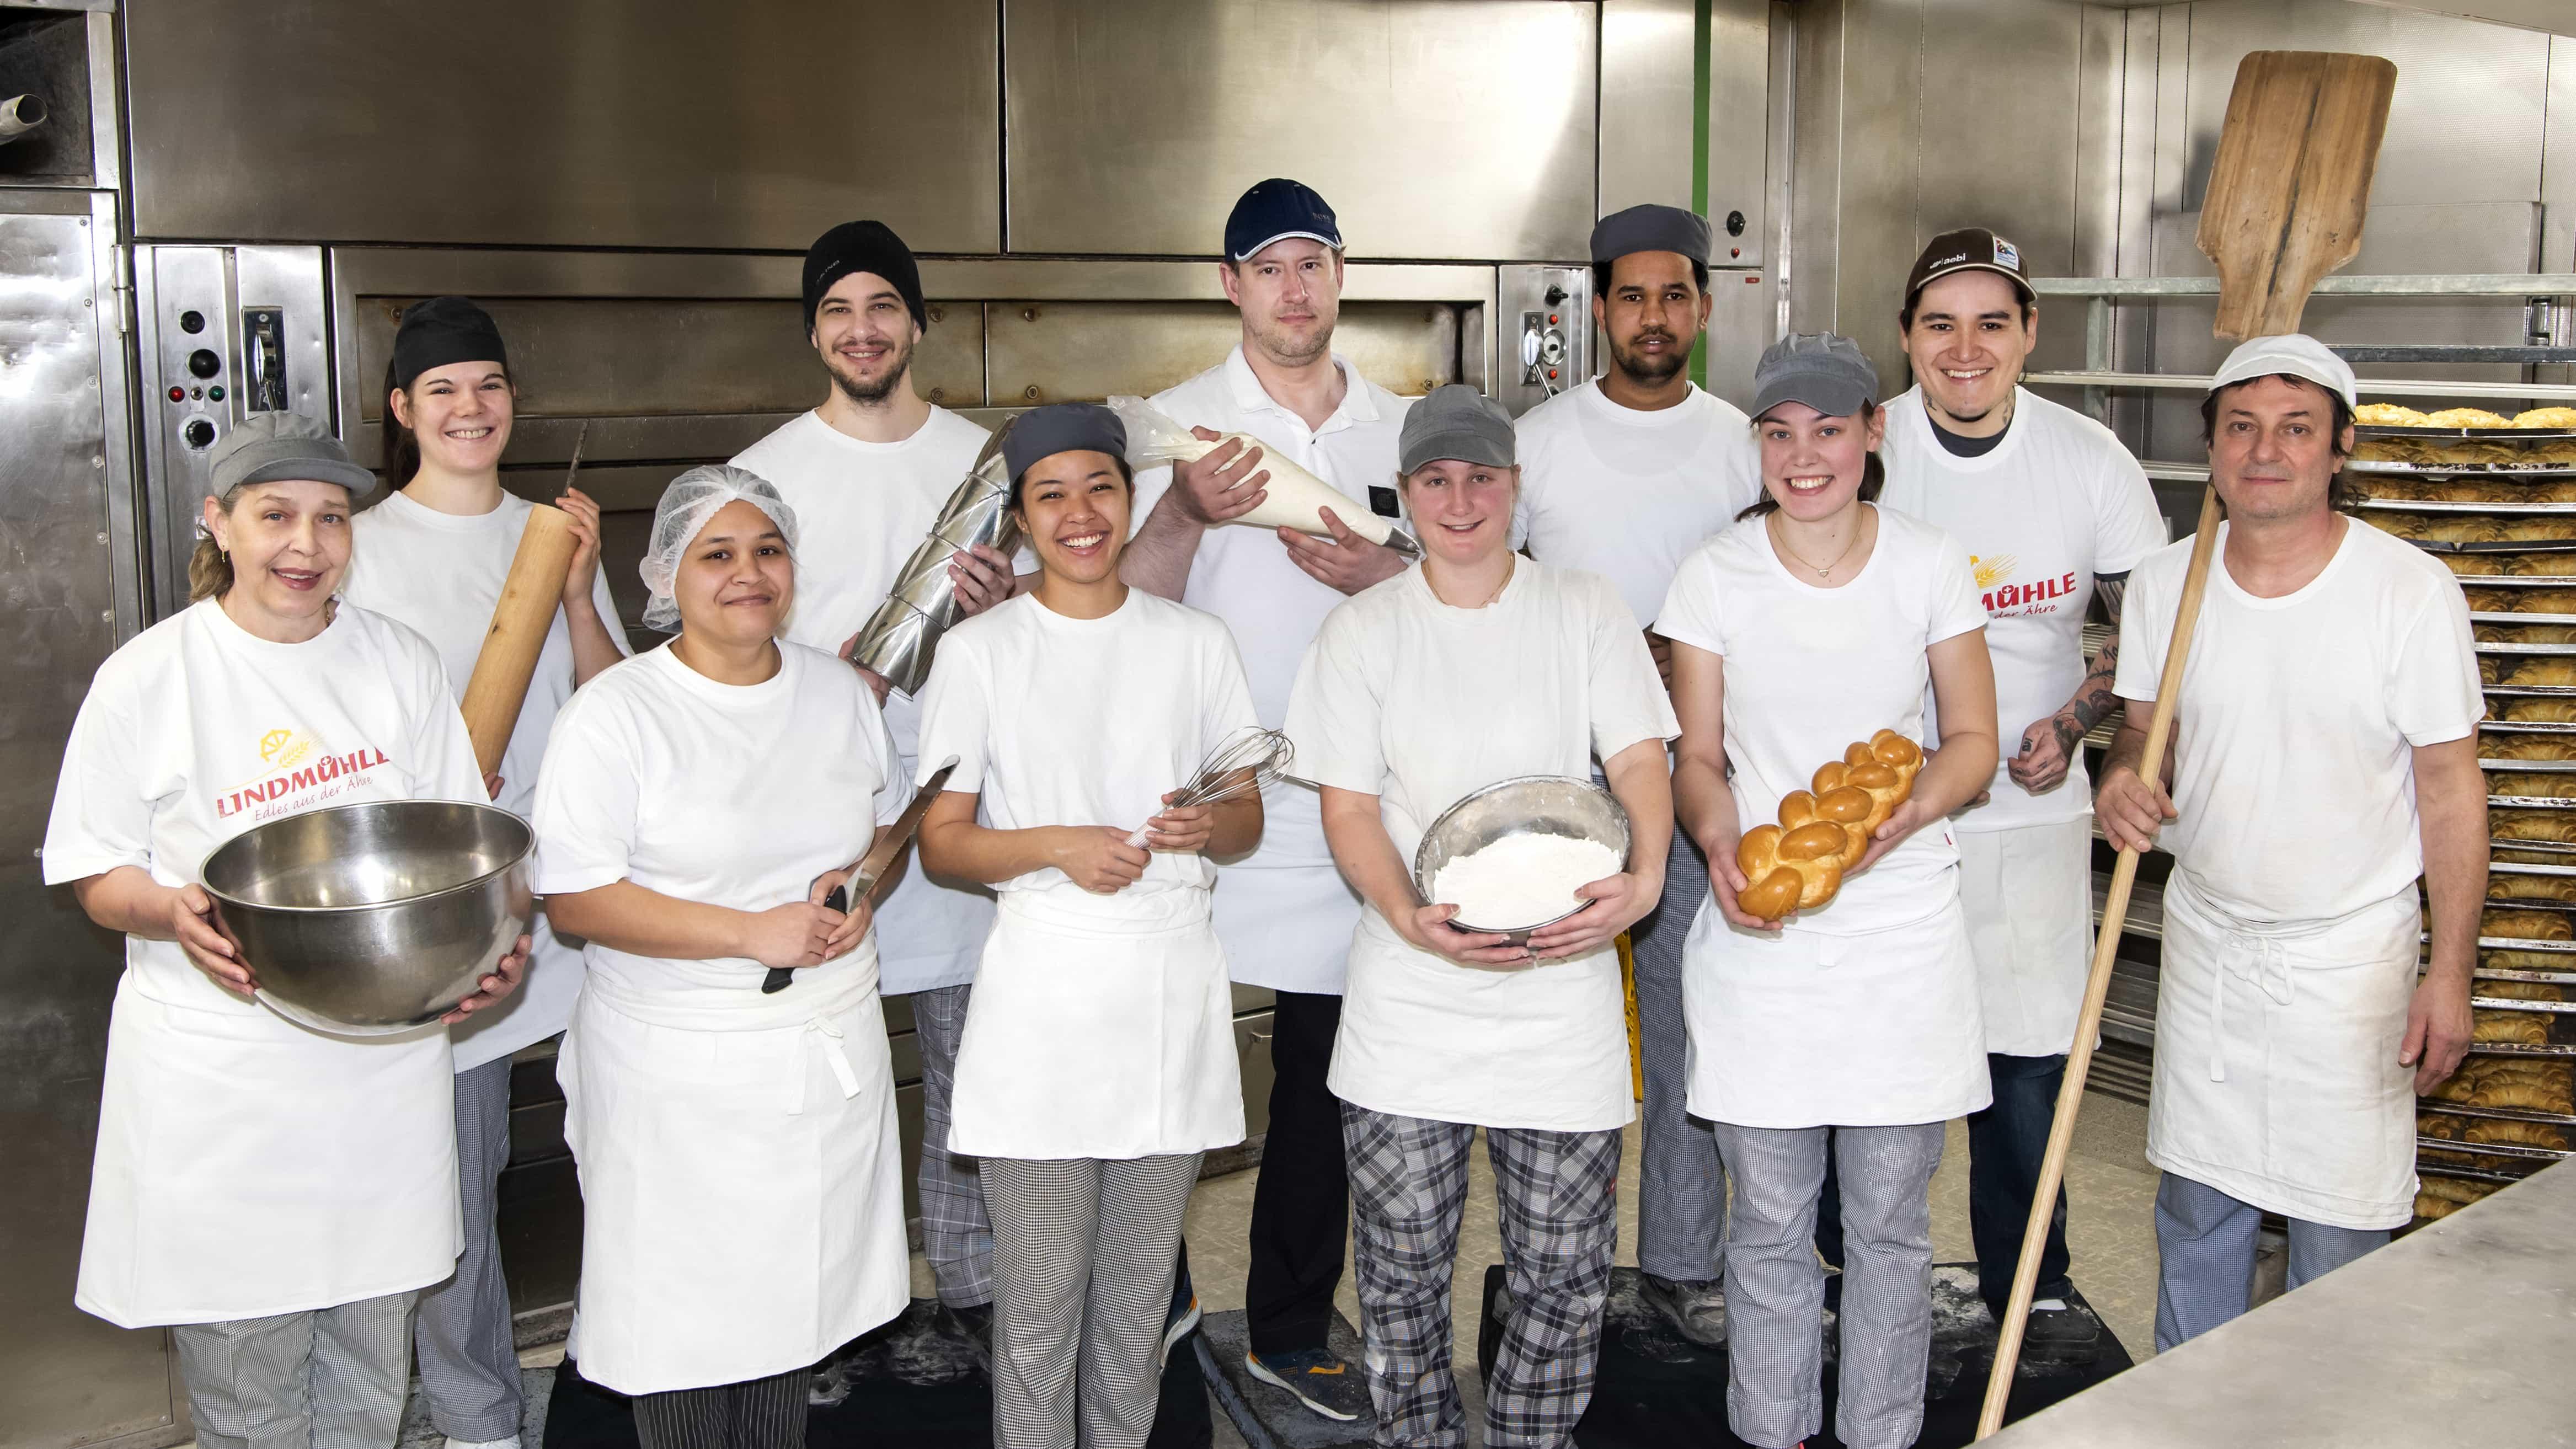 Bäcker-Konditorenteam